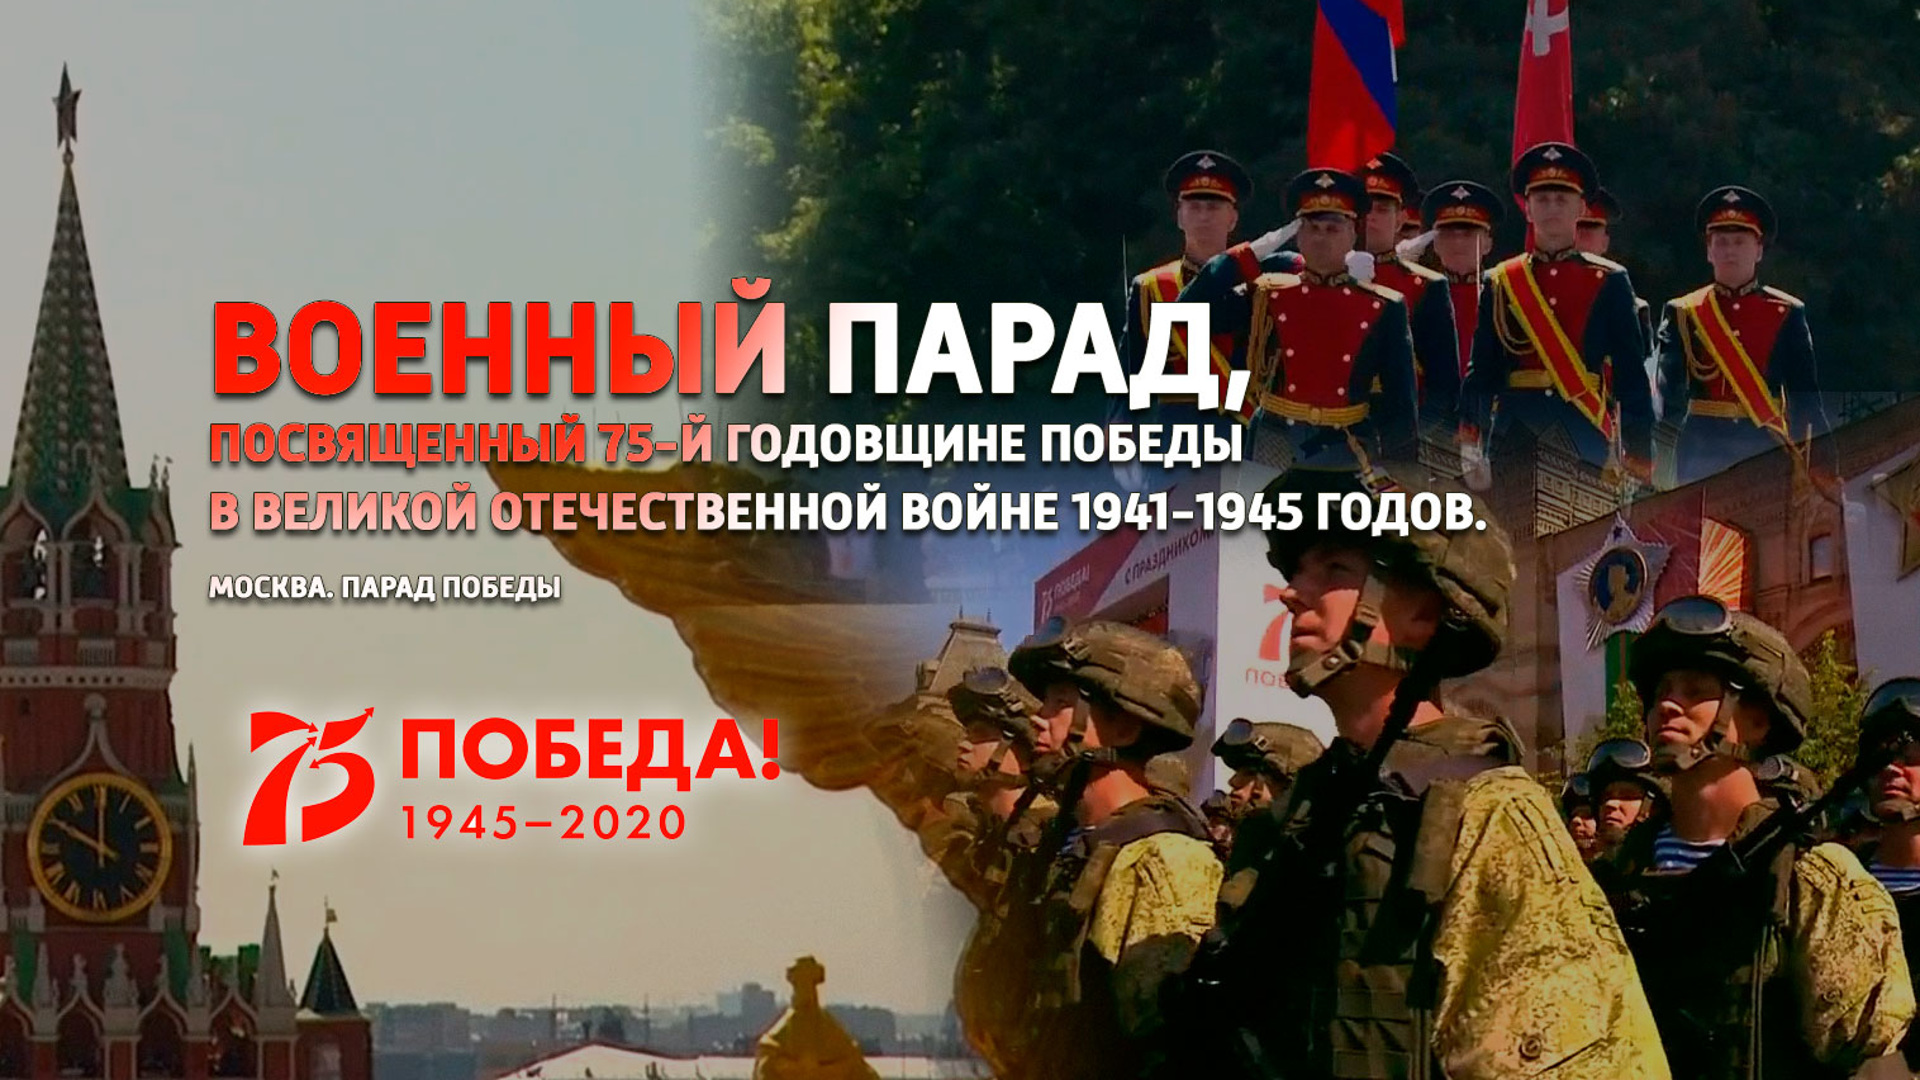 Военный парад, посвященный 75-й годовщине Победы в Великой Отечественной войне 1941-1945 годов